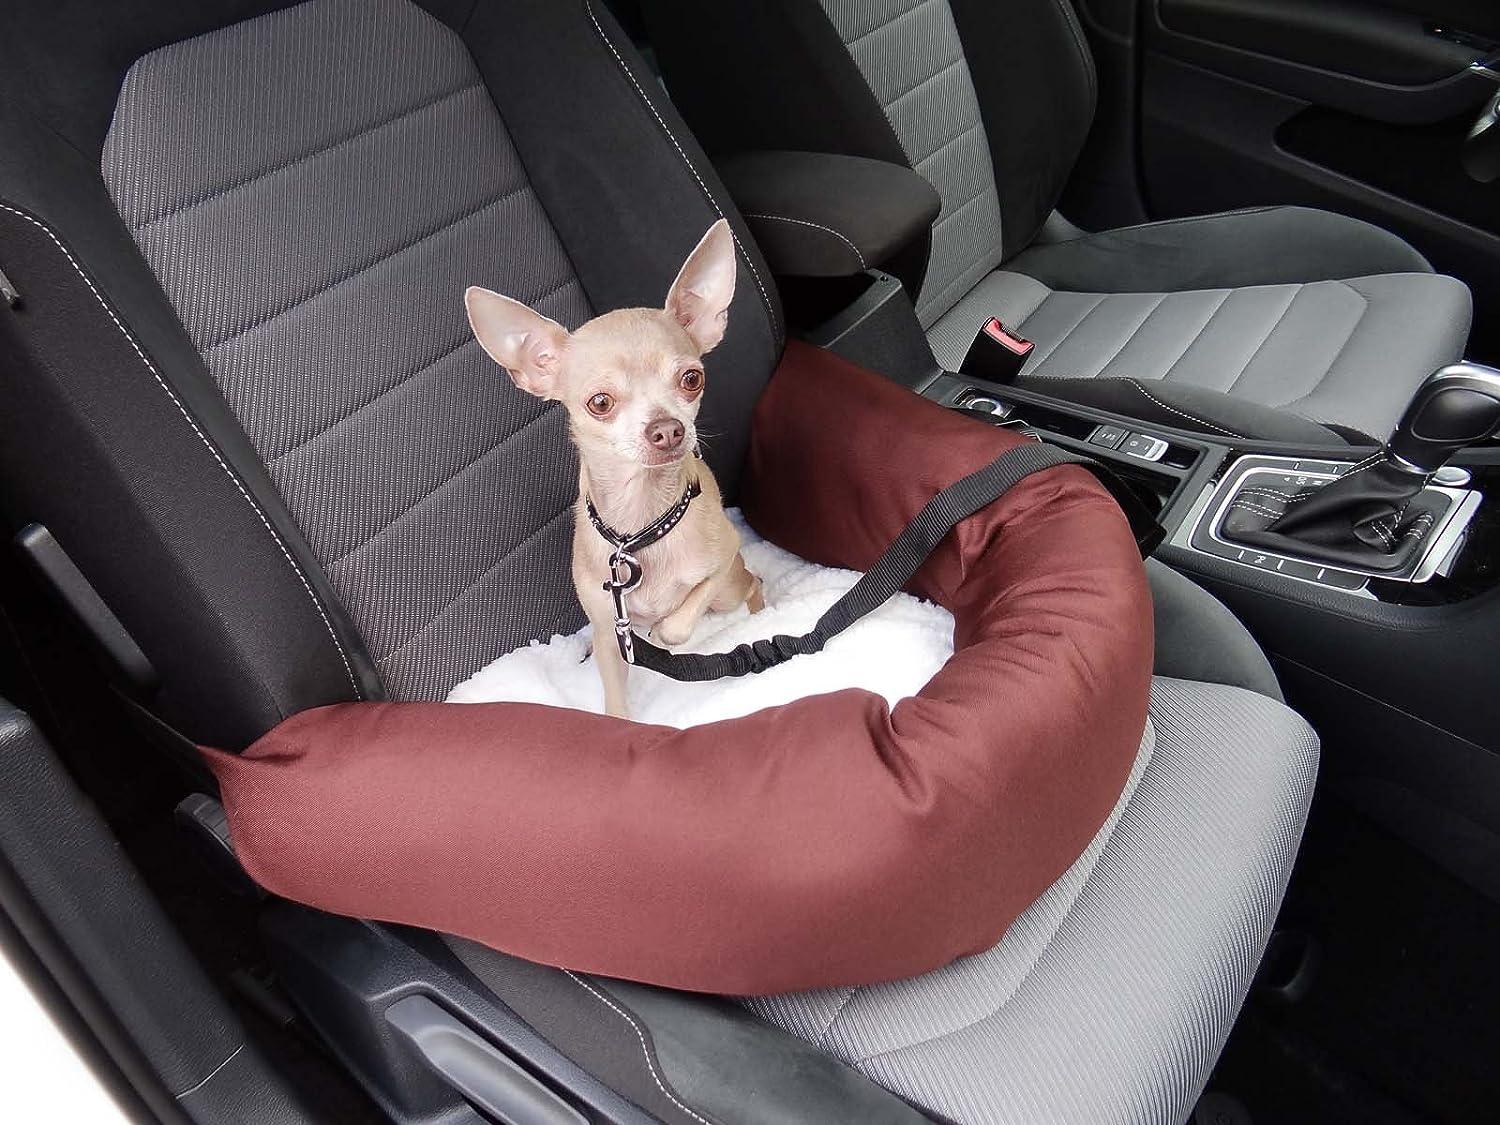 Knuffliger Autositz Für Hund Katze Oder Haustier Inkl Flexgurt Empfohlen Für Mercedes Benz C Klasse Haustier